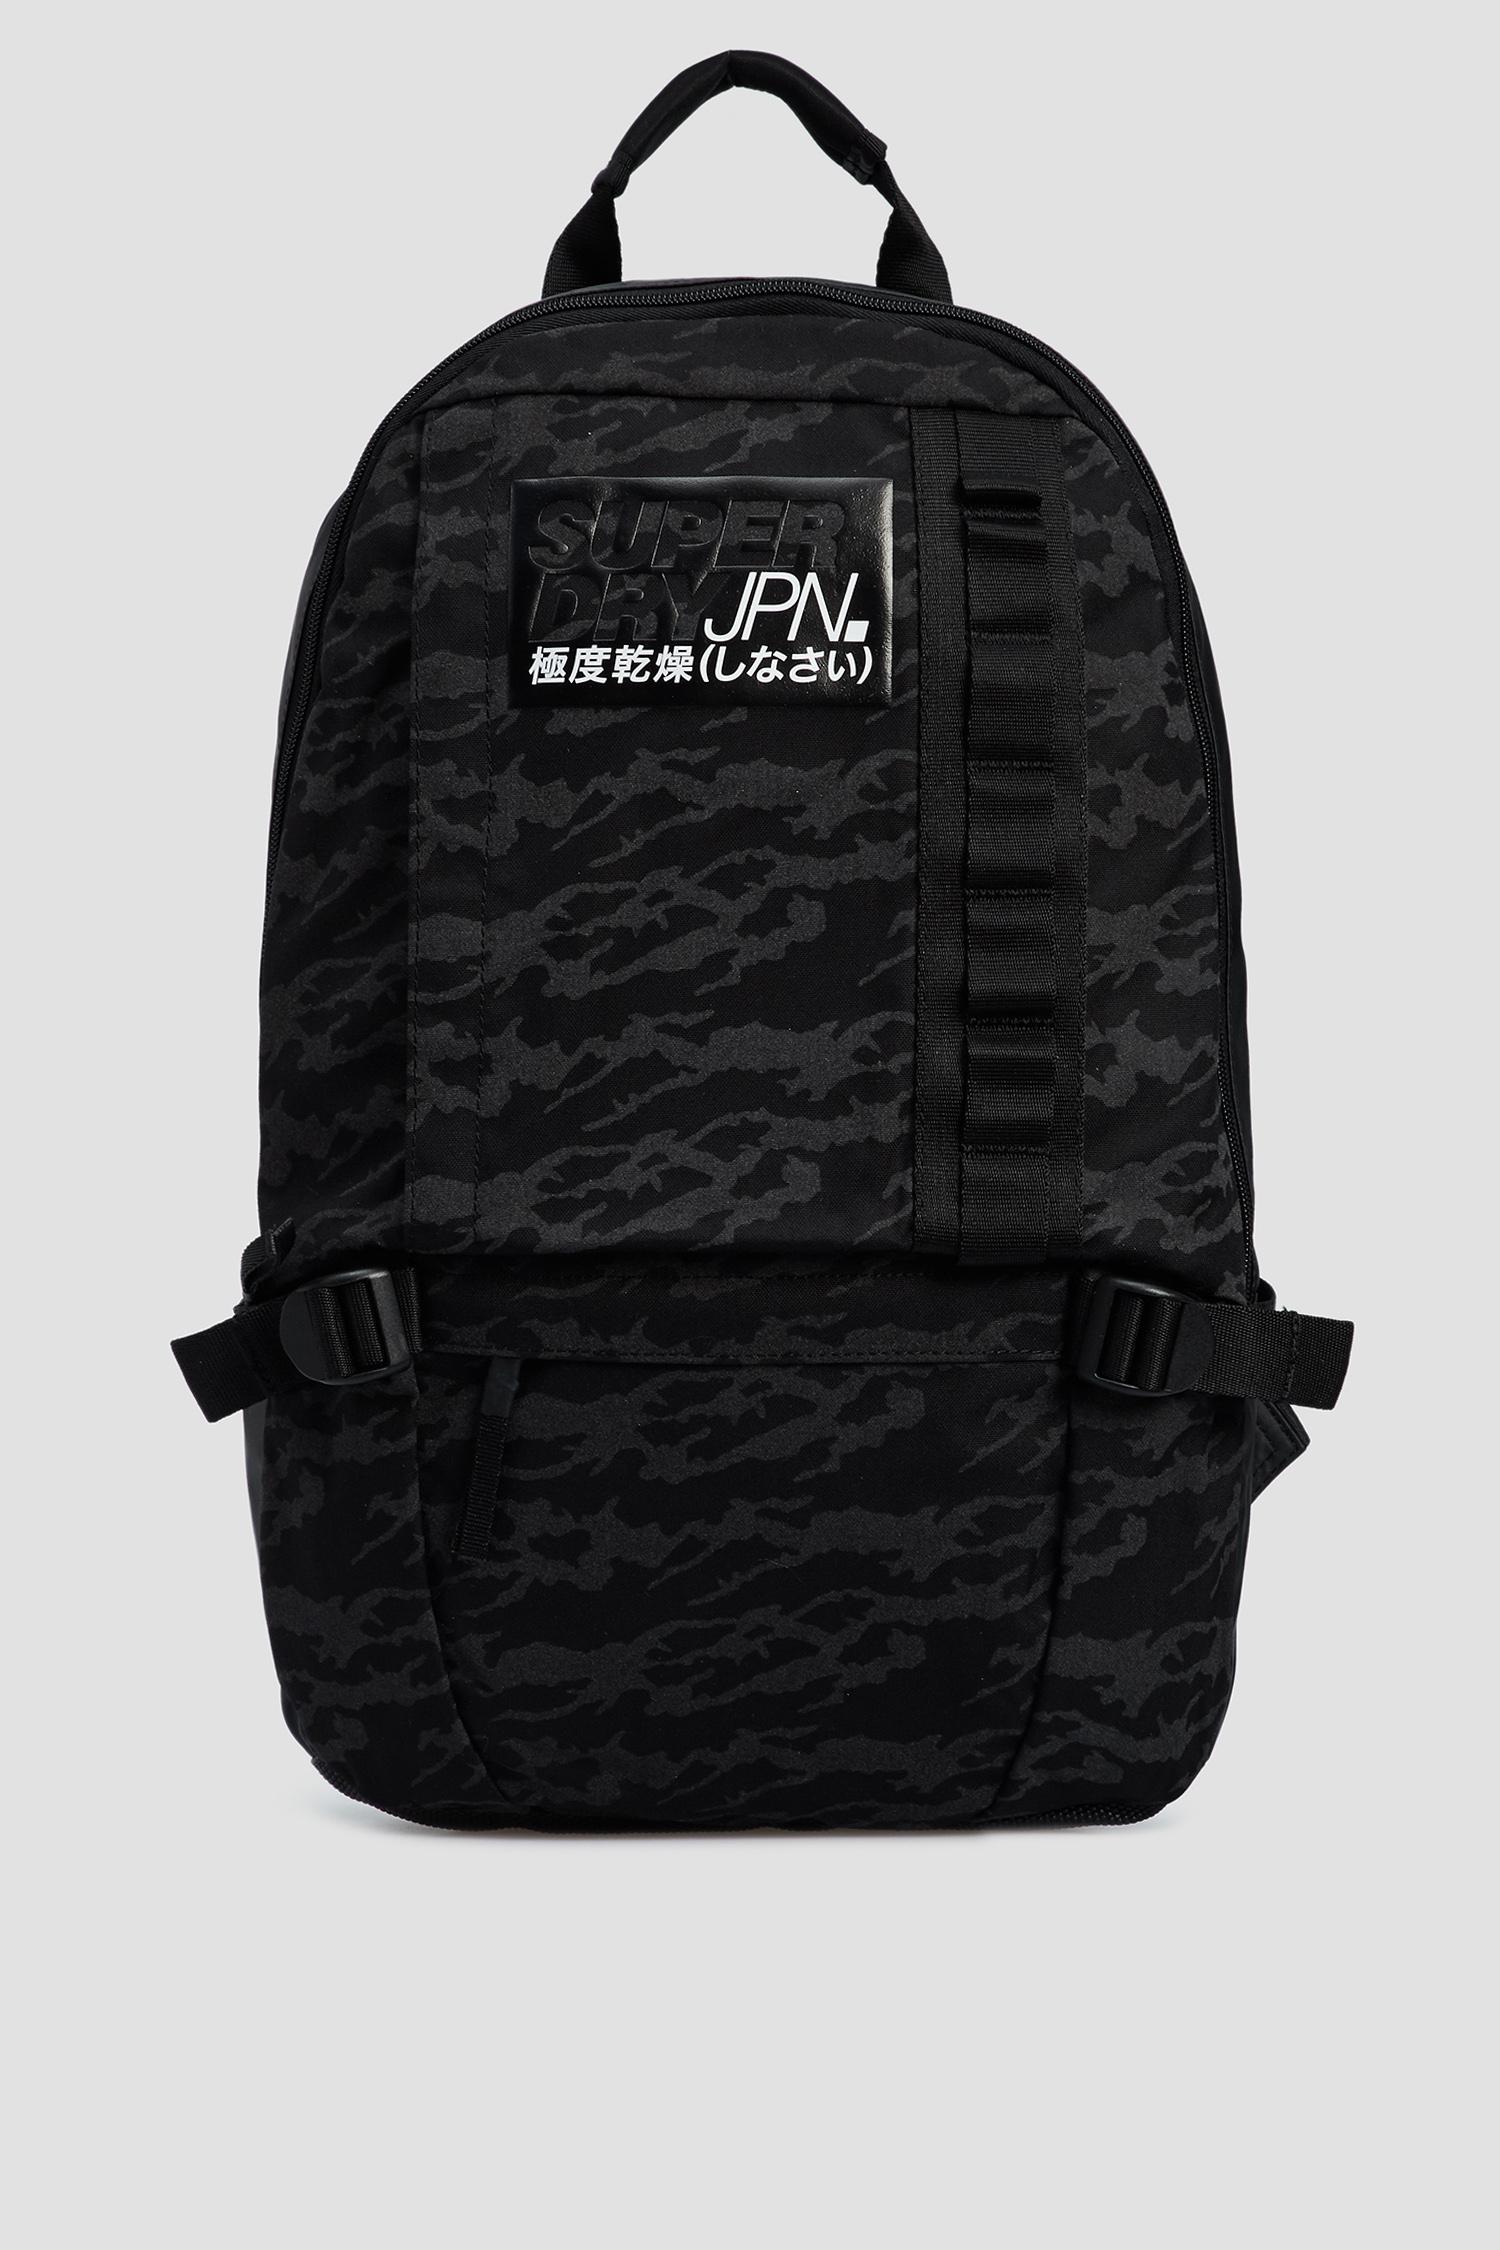 Мужской рюкзак с принтом SuperDry M9110200A;14Q